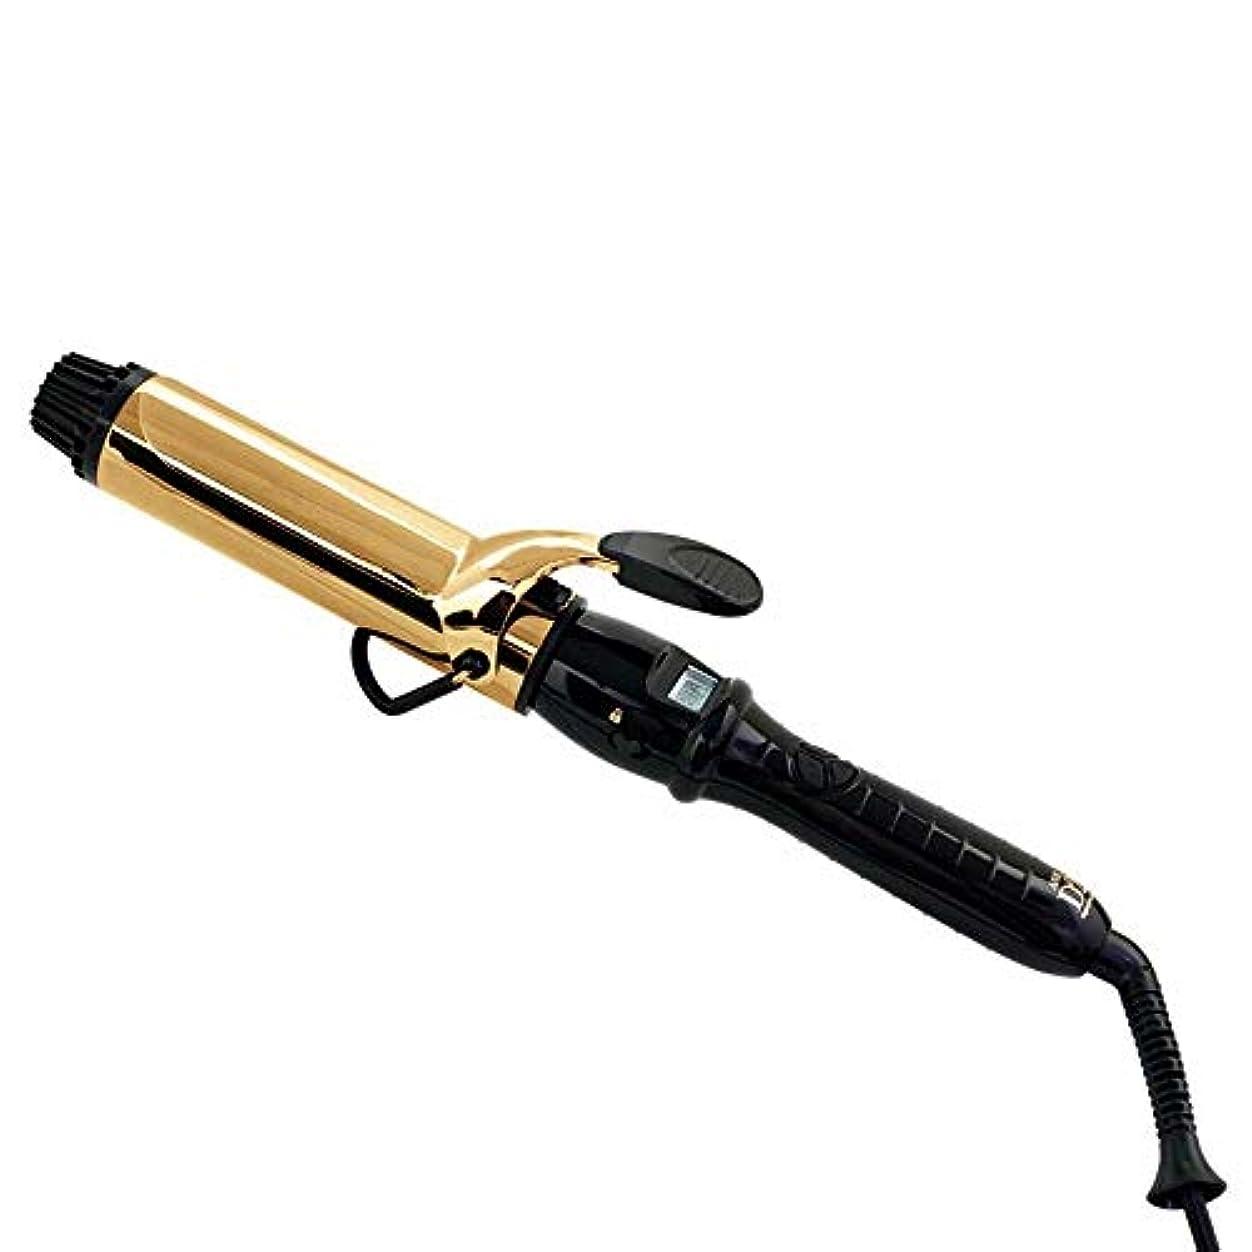 荒らすメカニック不名誉なトリコインダストリーズ AIVIL(アイビル) D2アイロン ゴールドバレル 32mm